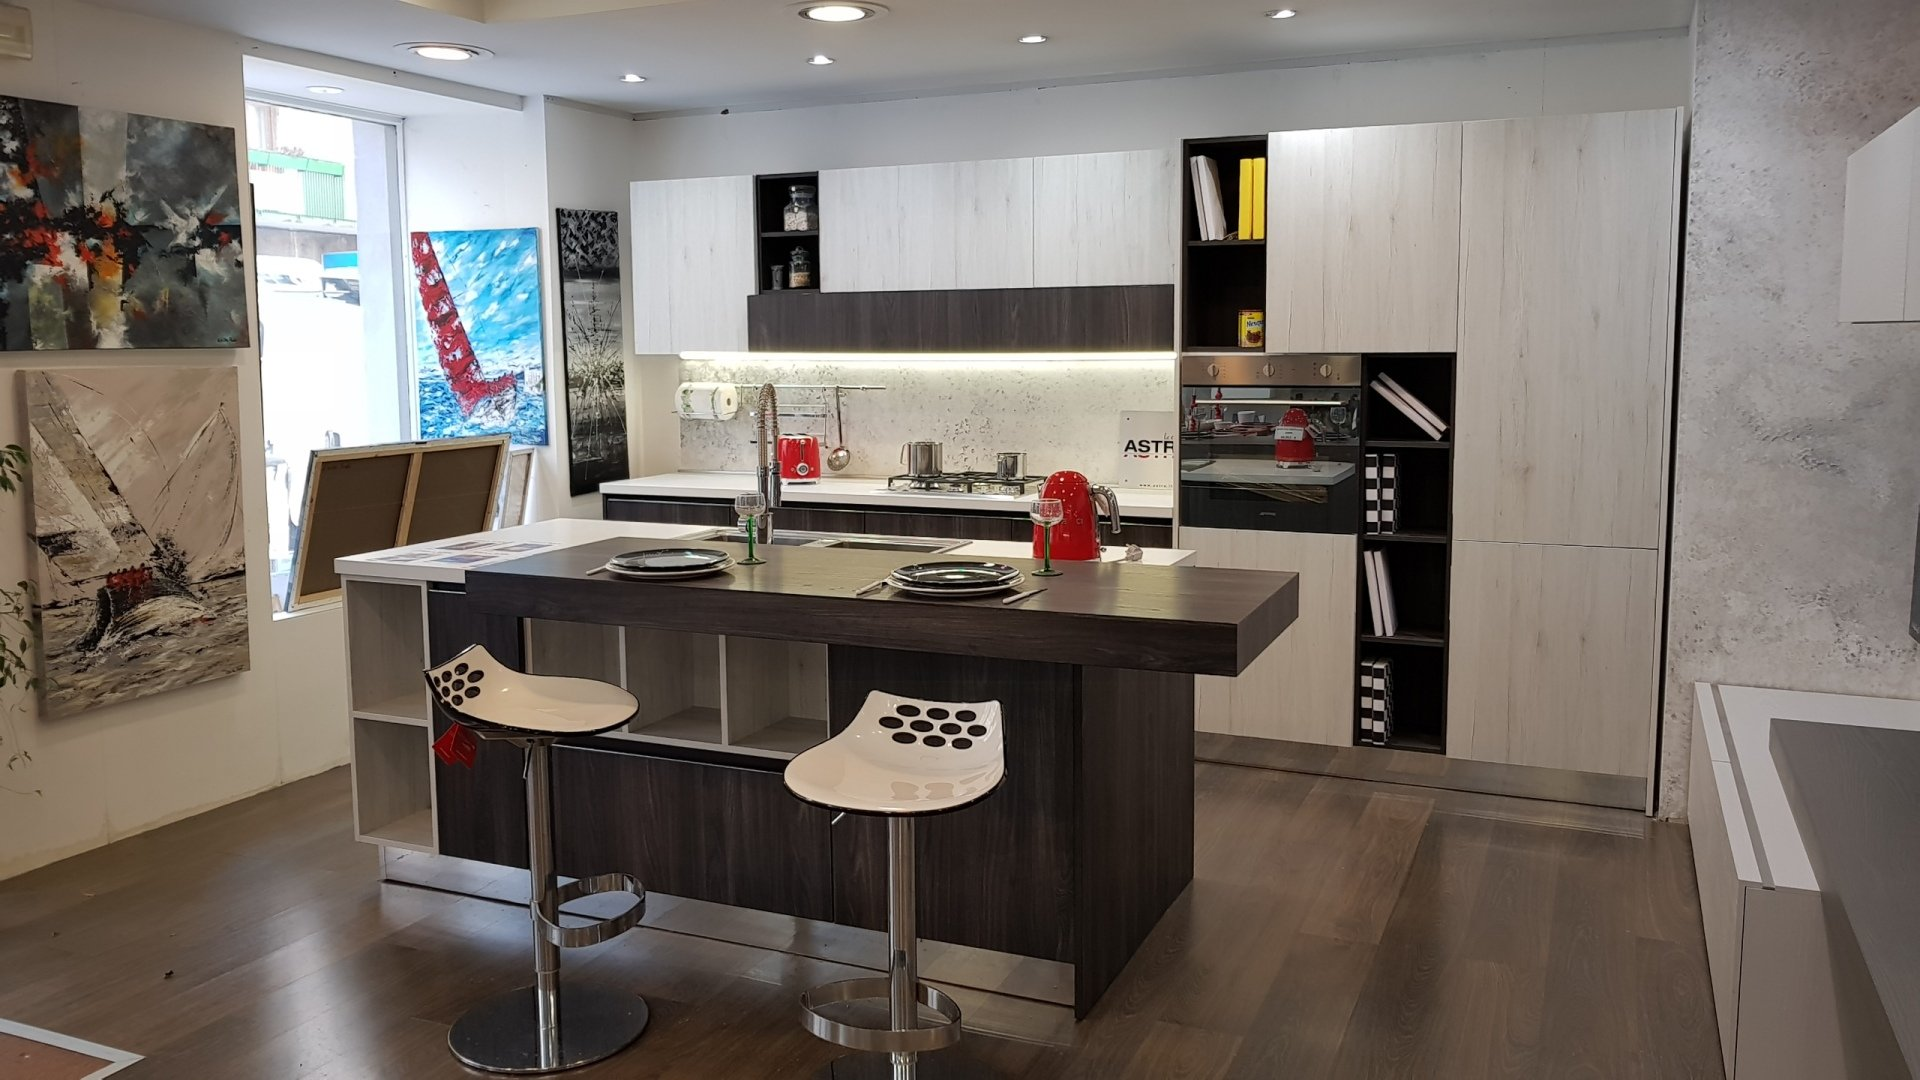 Componi Cucina | Crea Cucina Ikea 3d